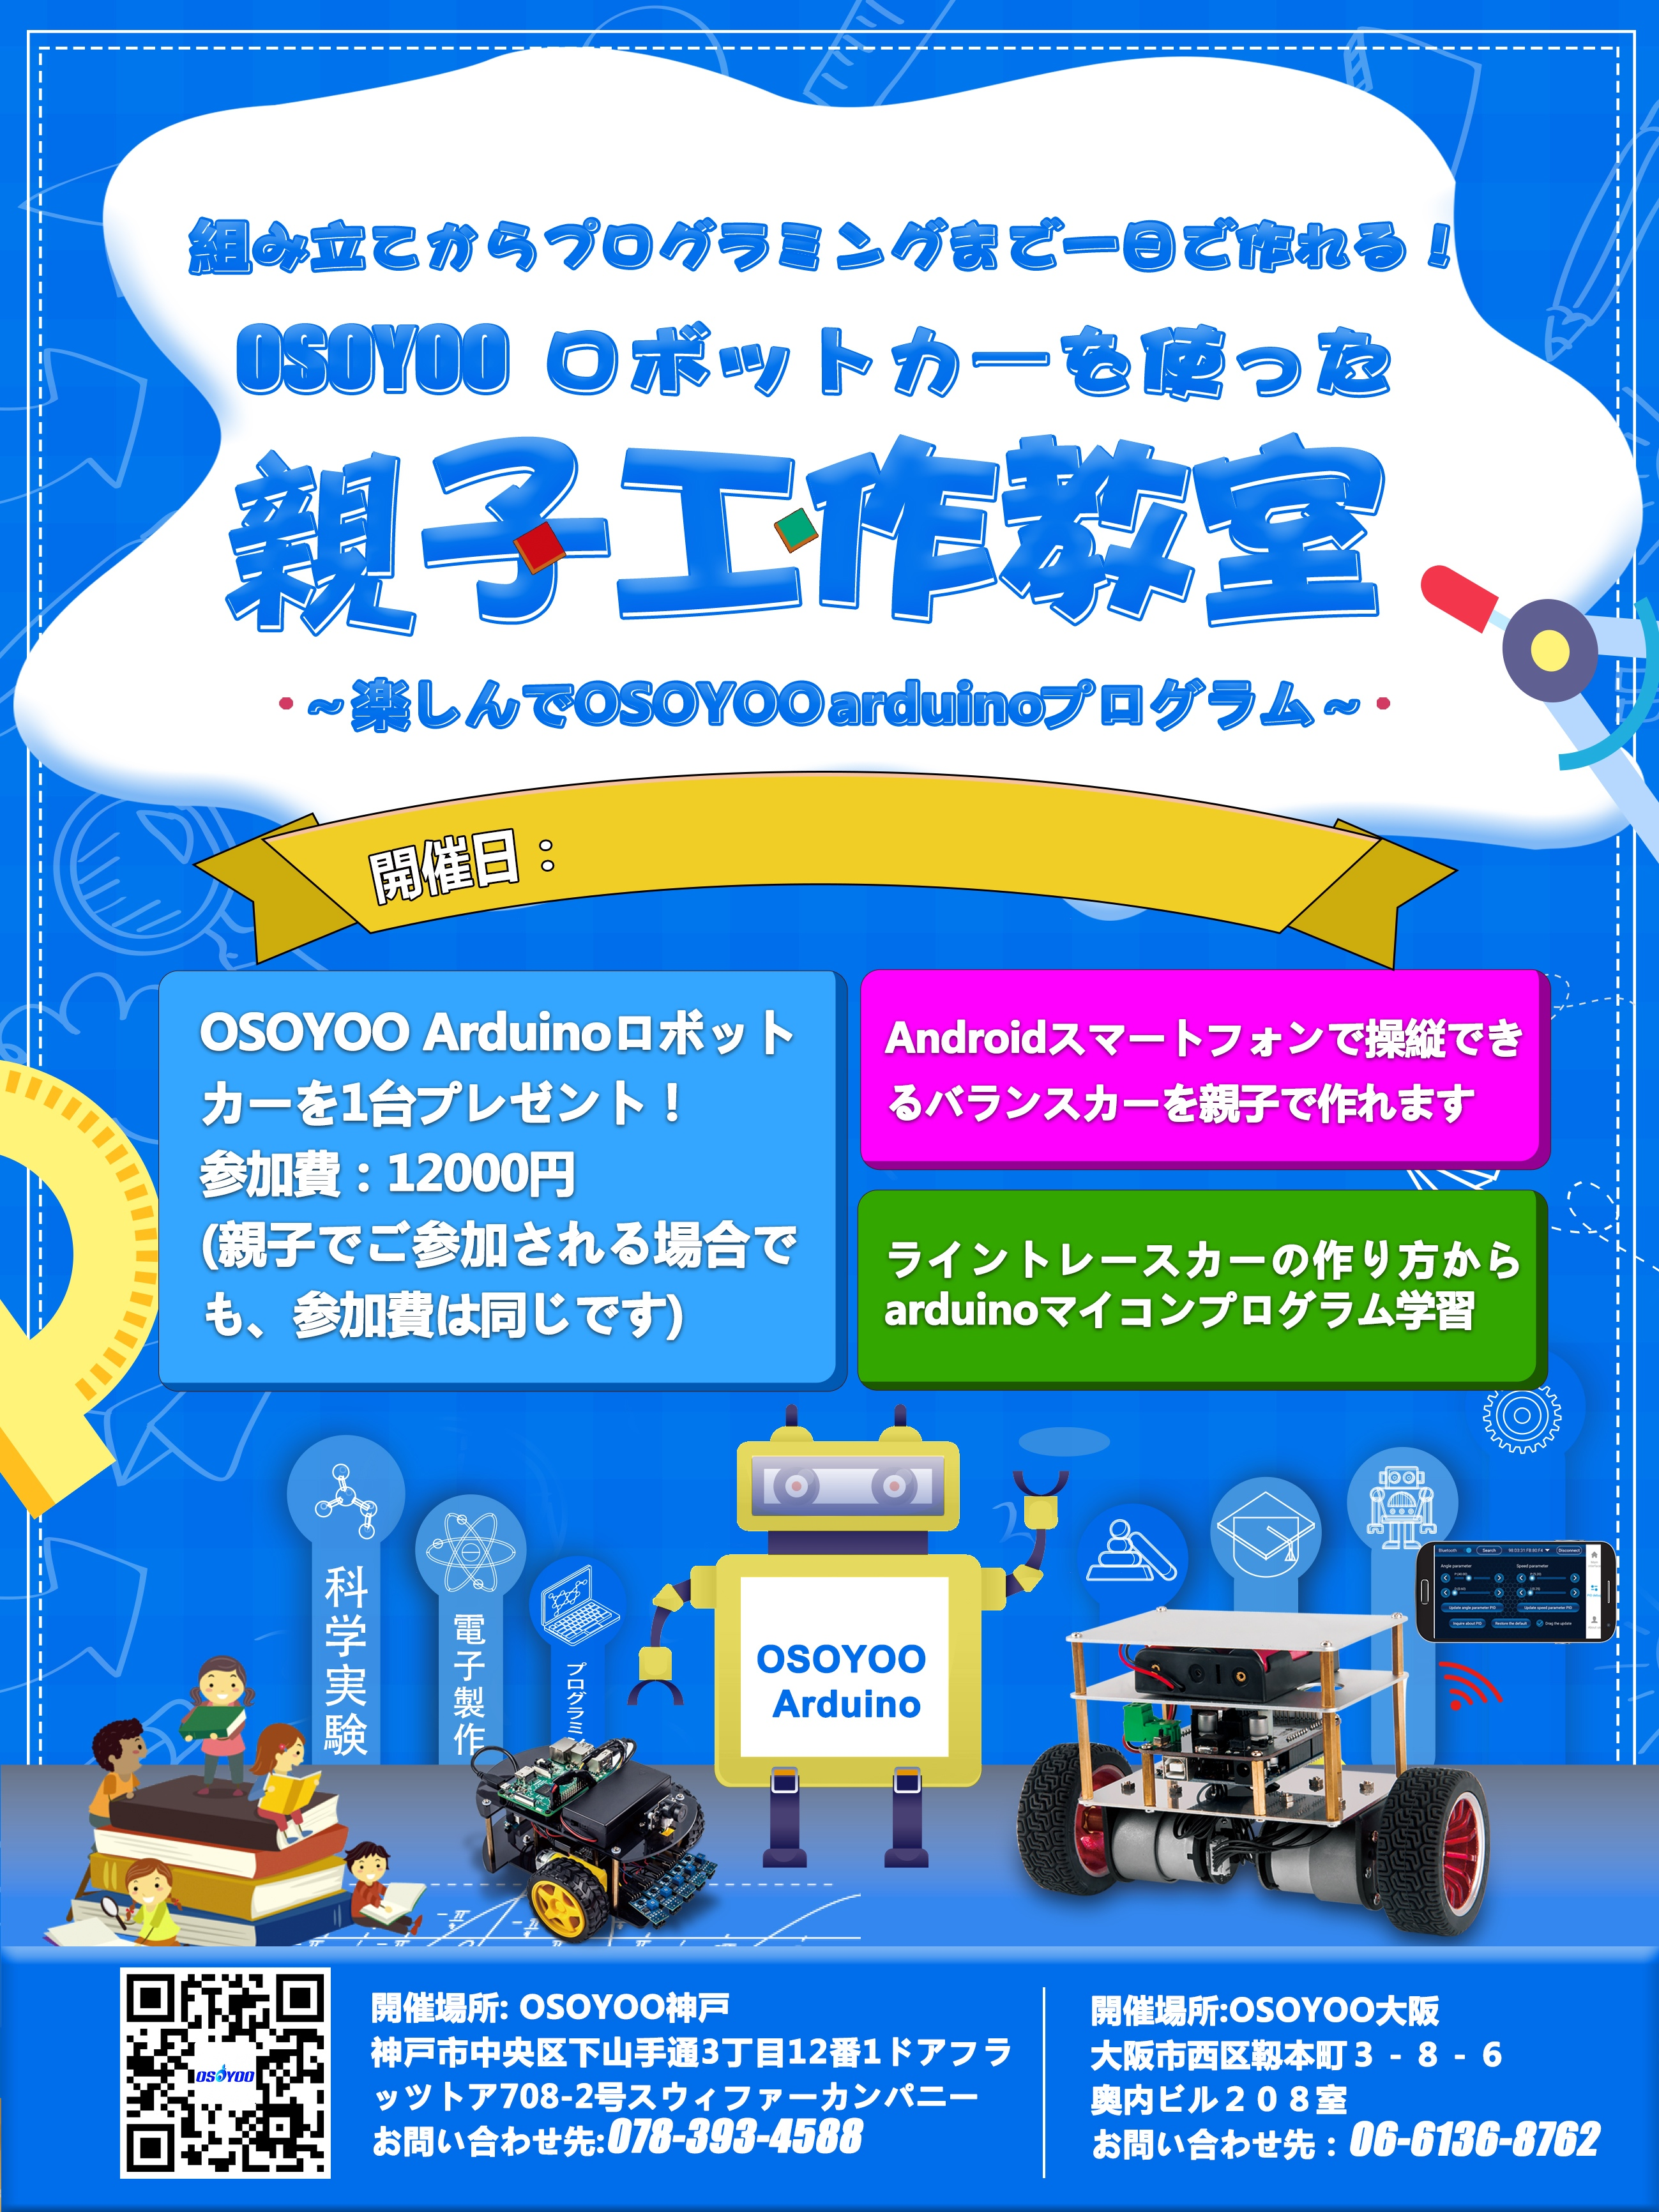 OSOYOOロボットカー親子工作教室